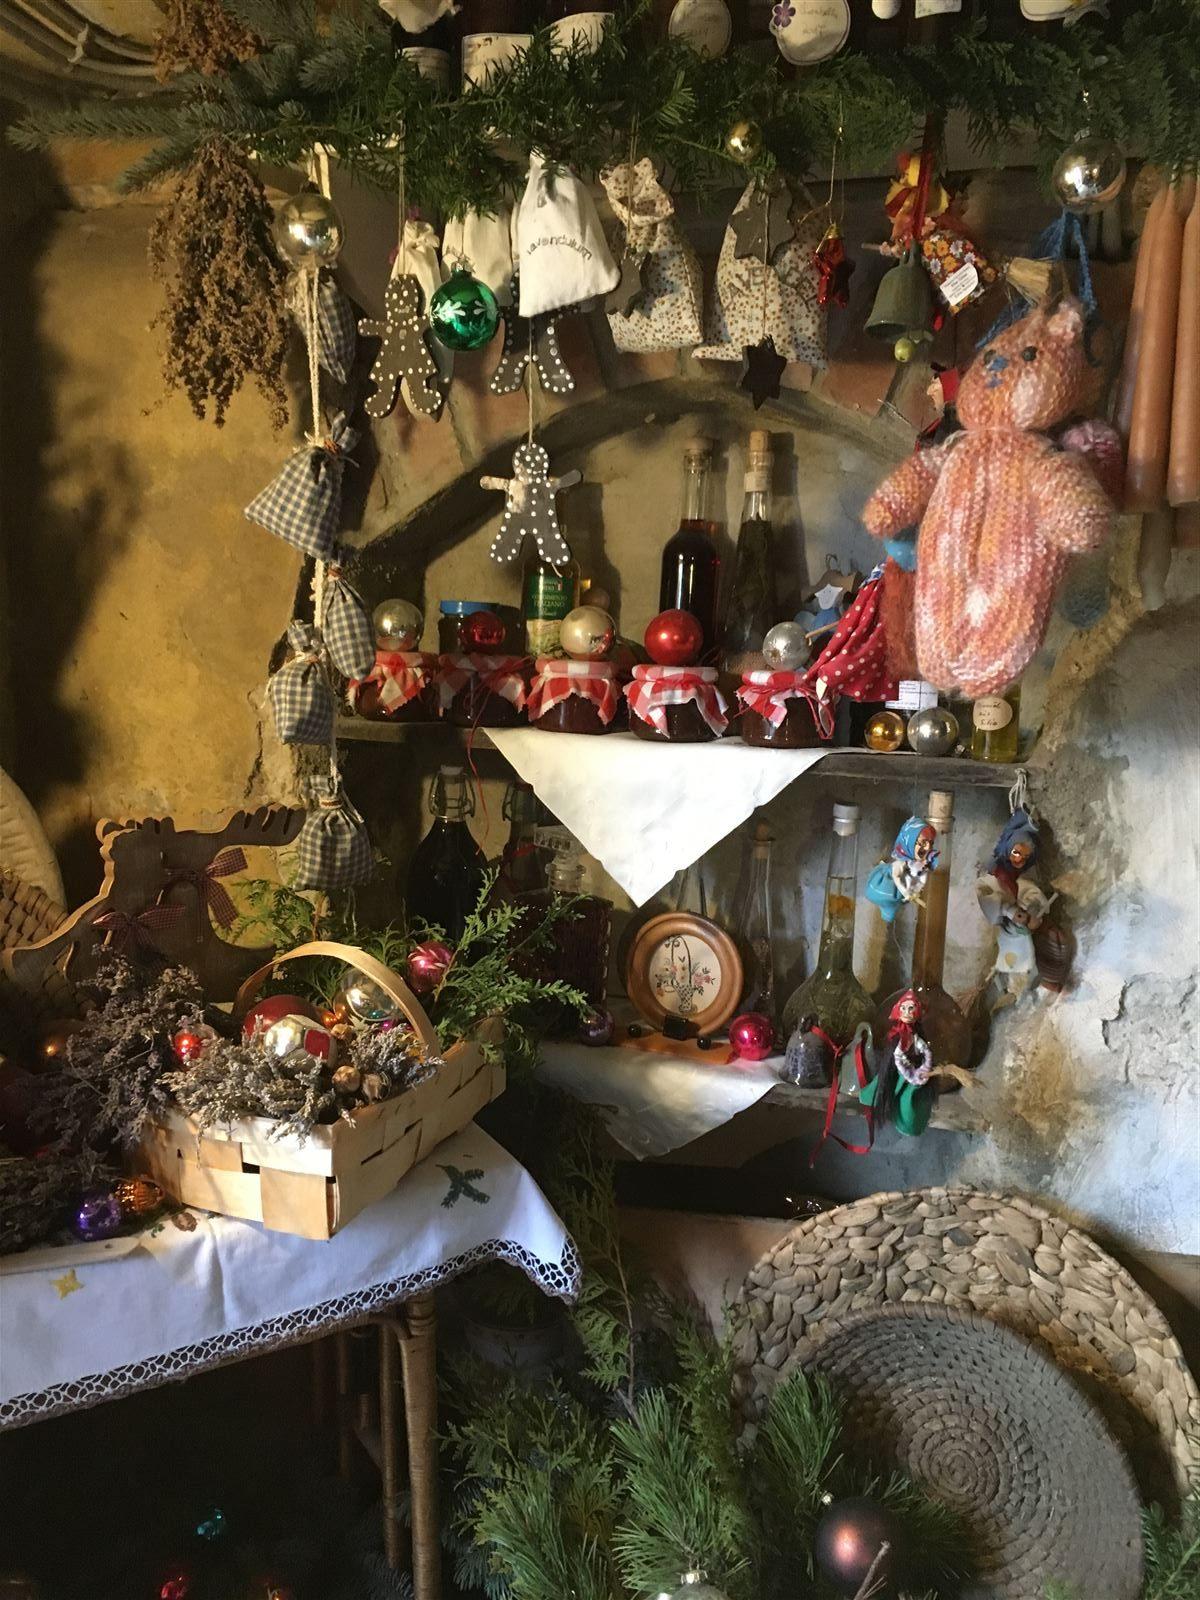 Weihnachtsmarkt in den Weberhäusern in Plauen - Vogtland - Sachsen